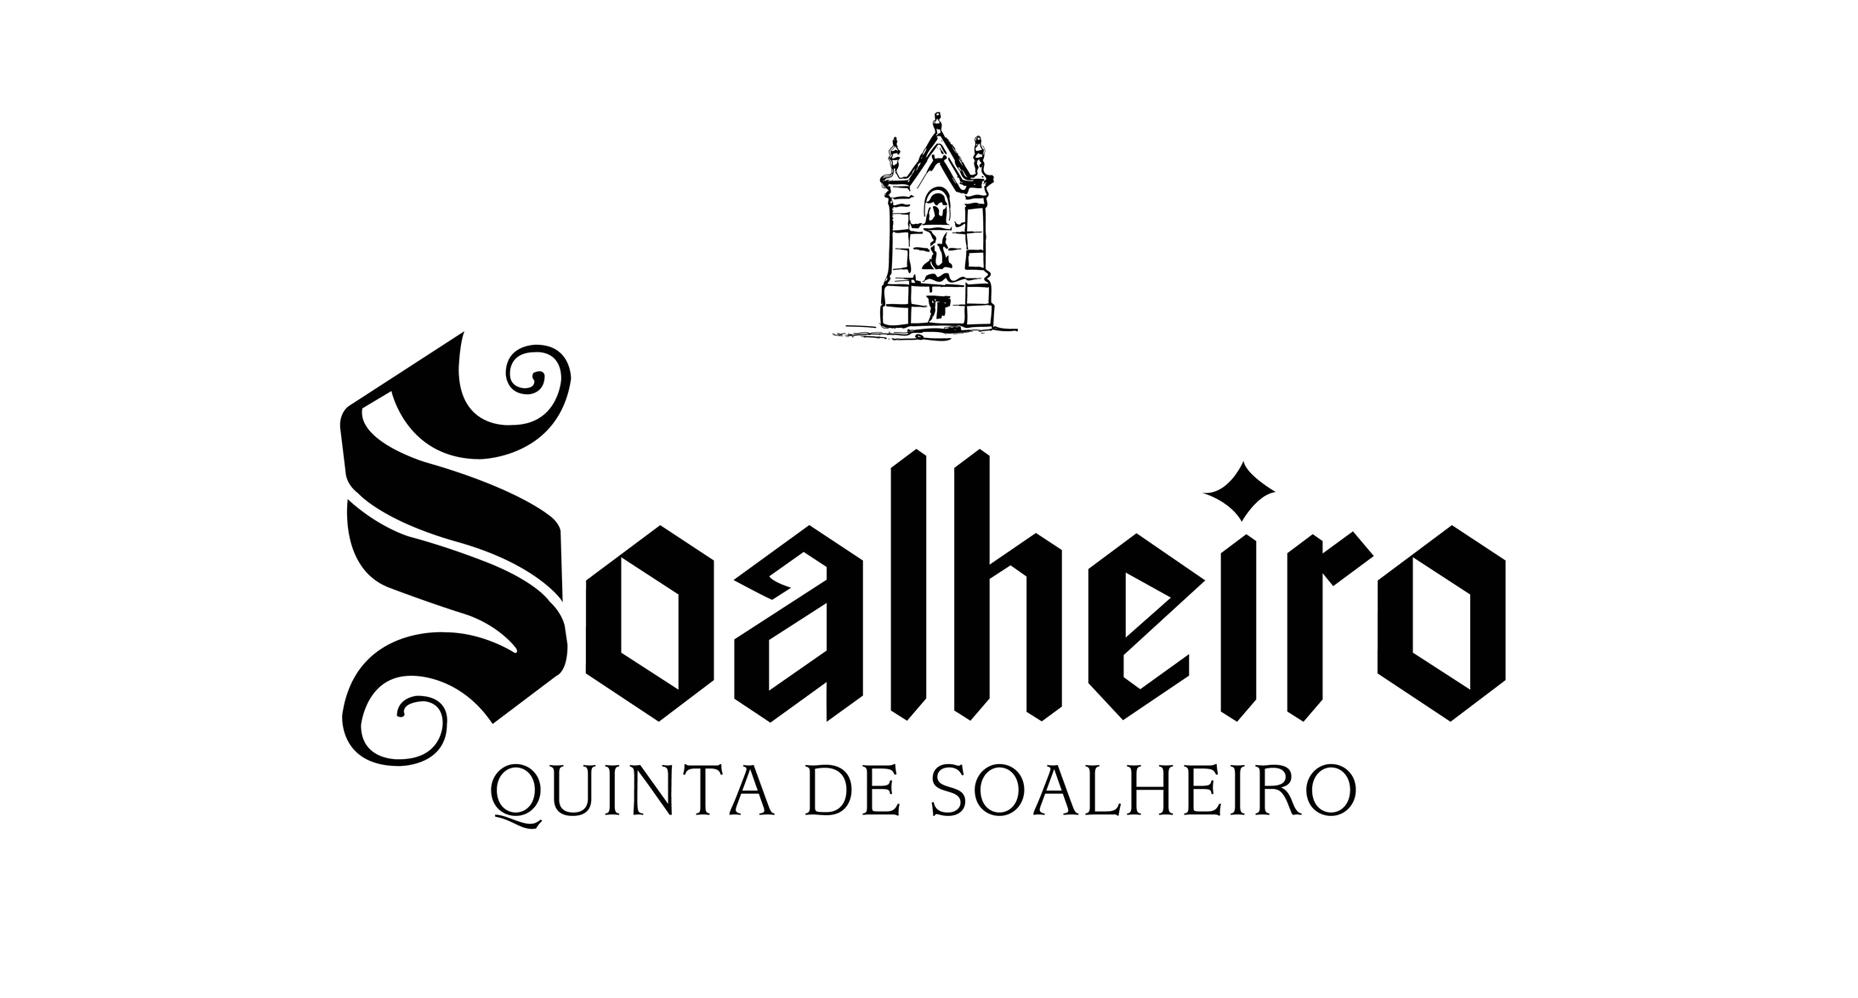 Logo Soalheiro, quinta de soalheiro, 300ppp.jpg